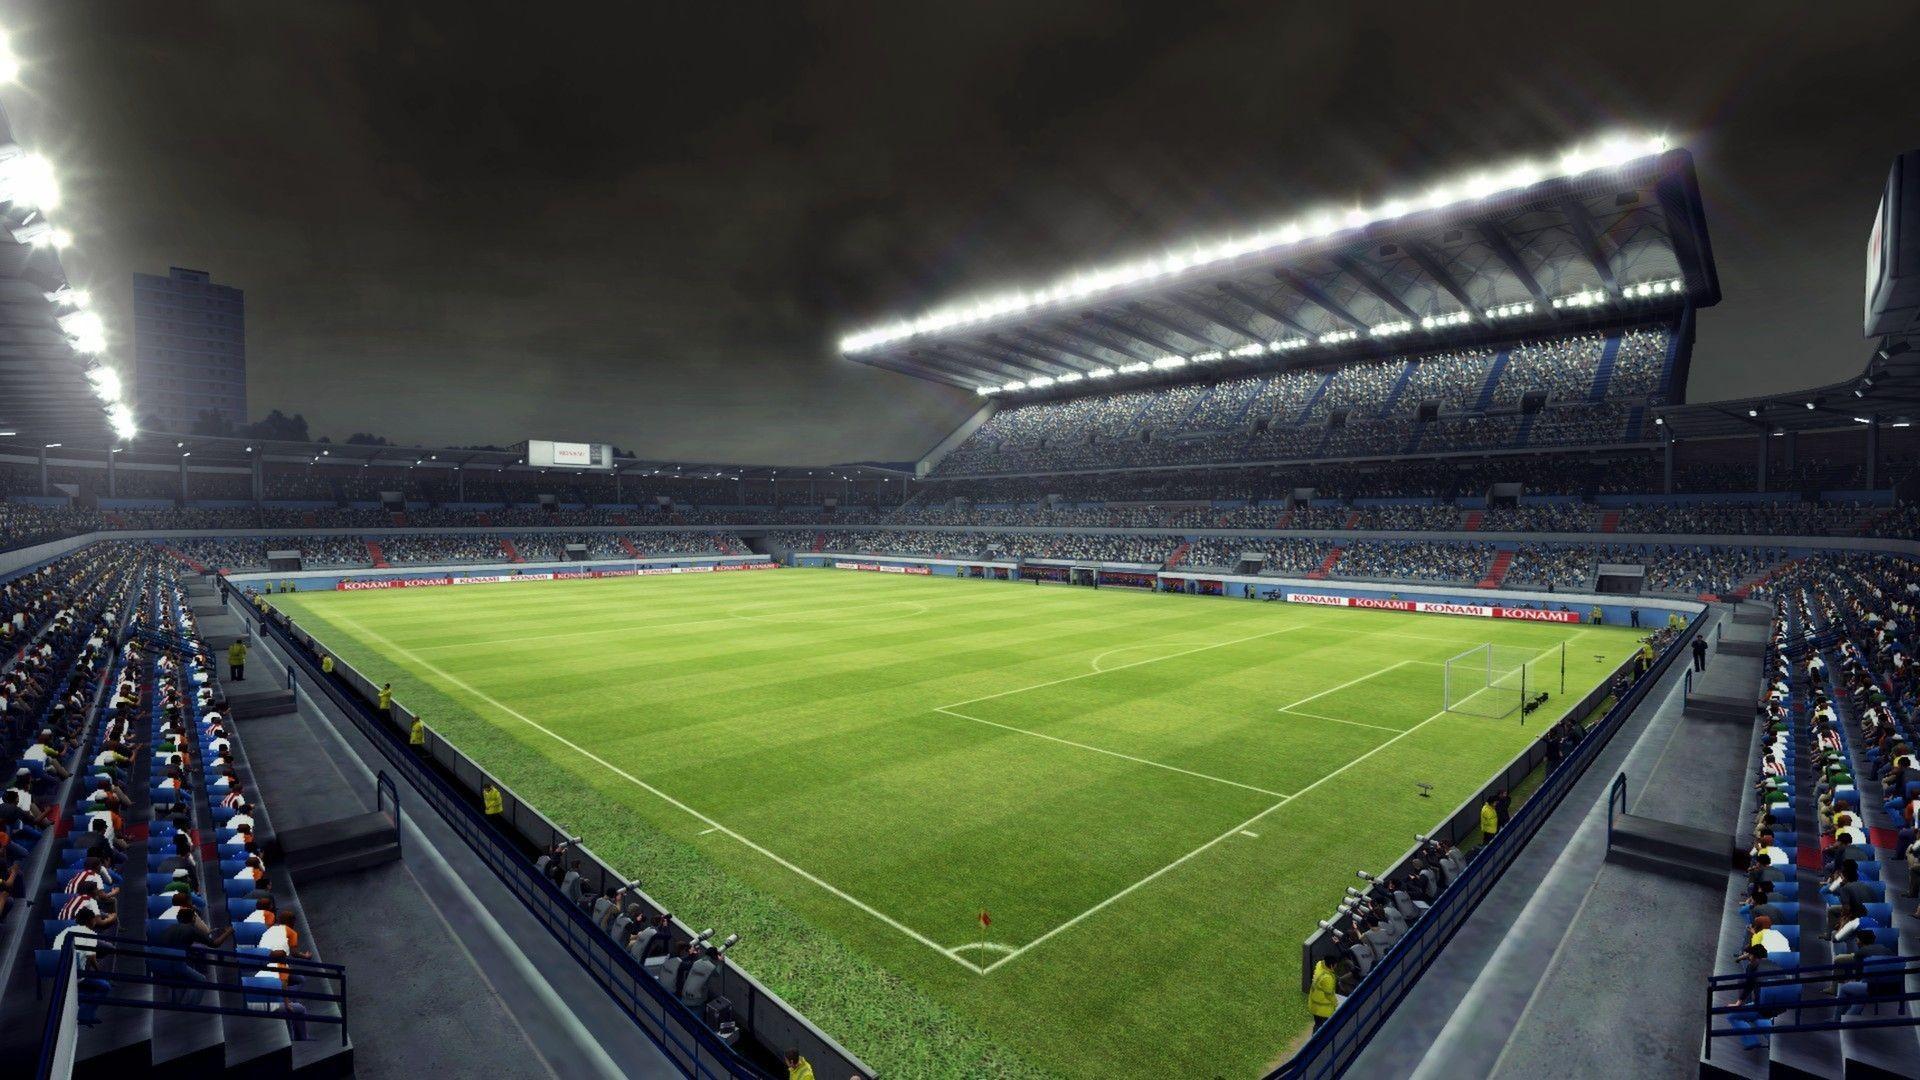 Soccer Desktop Wallpaper 81 Images